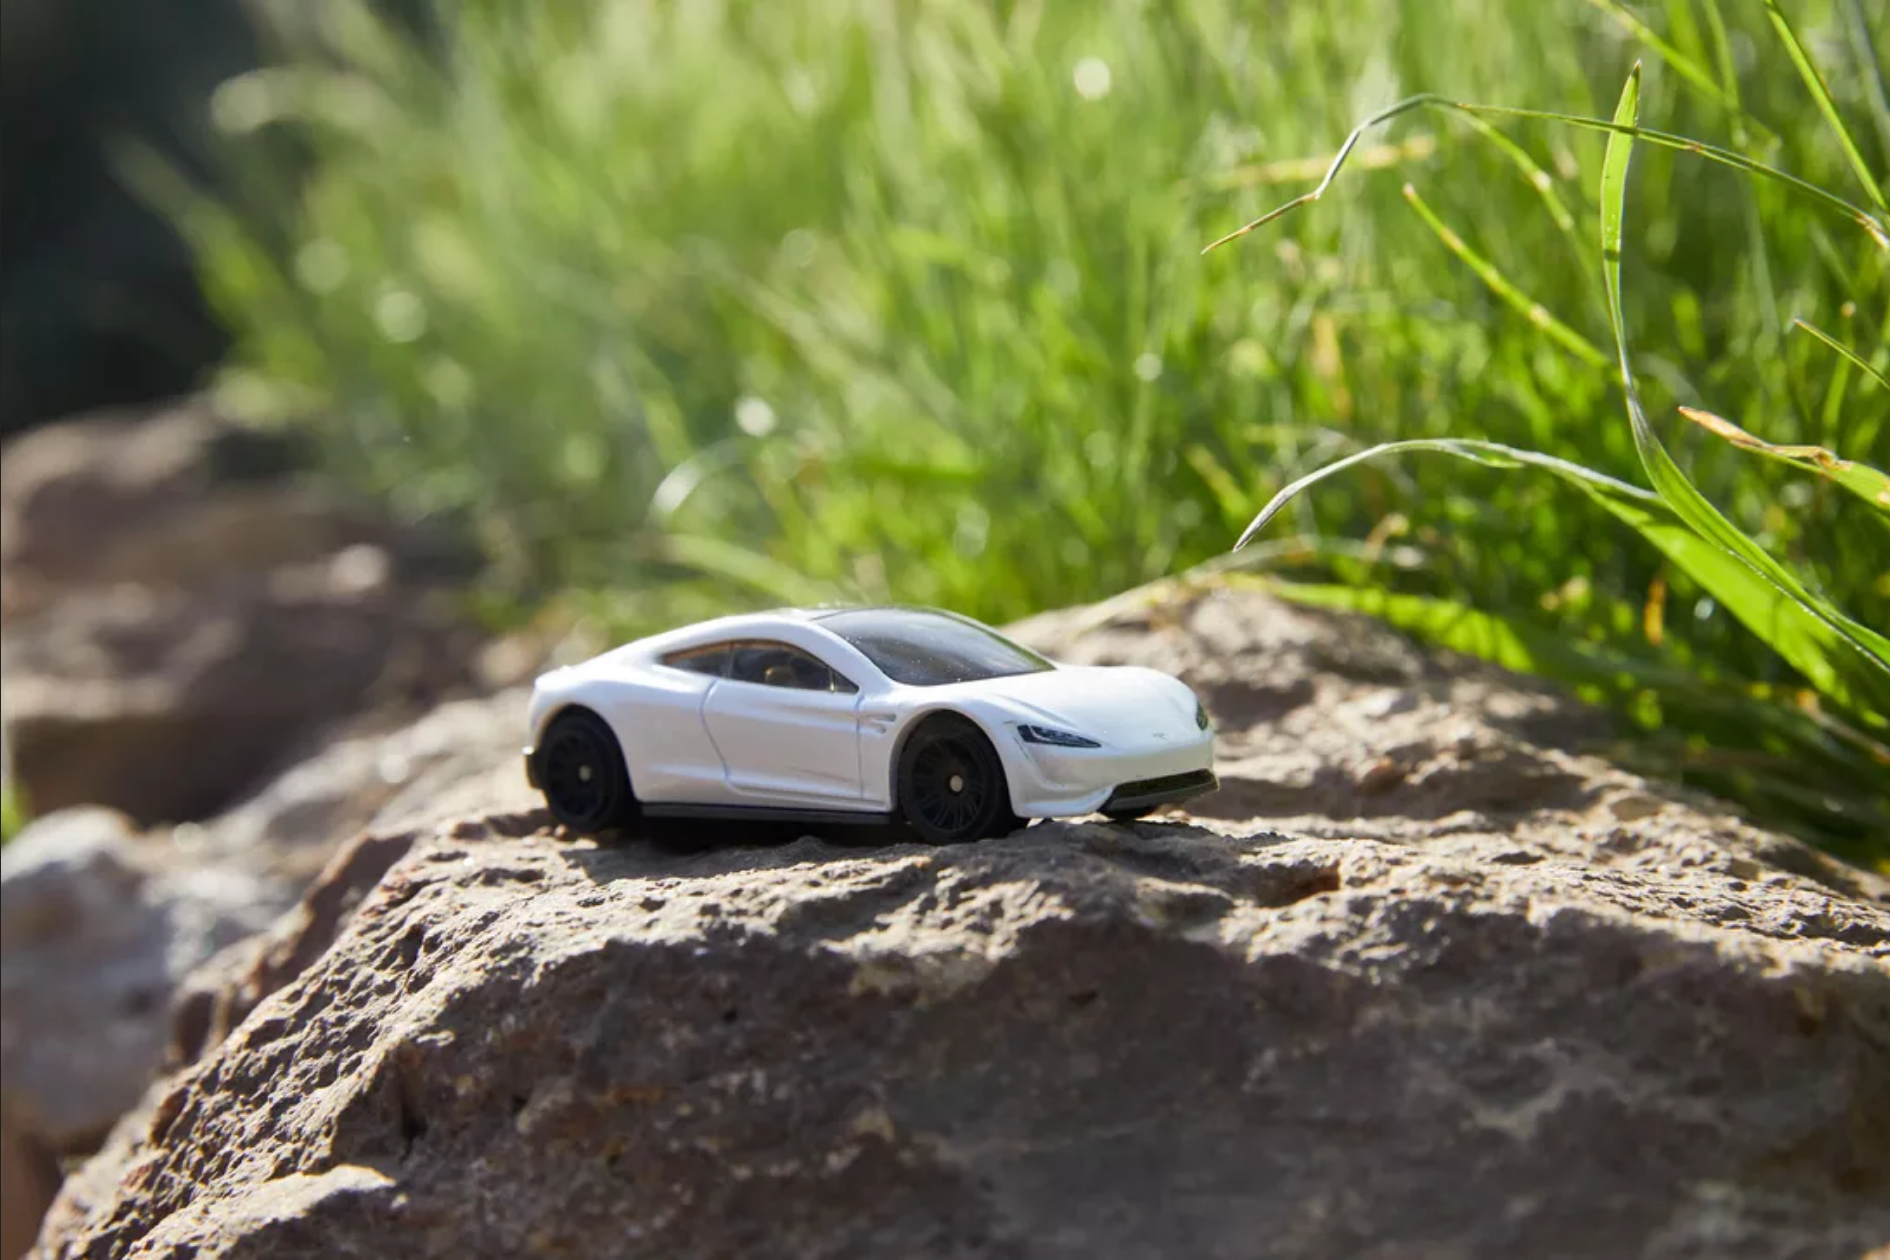 美泰新特斯拉Roadster玩具将采用99%可回收材料